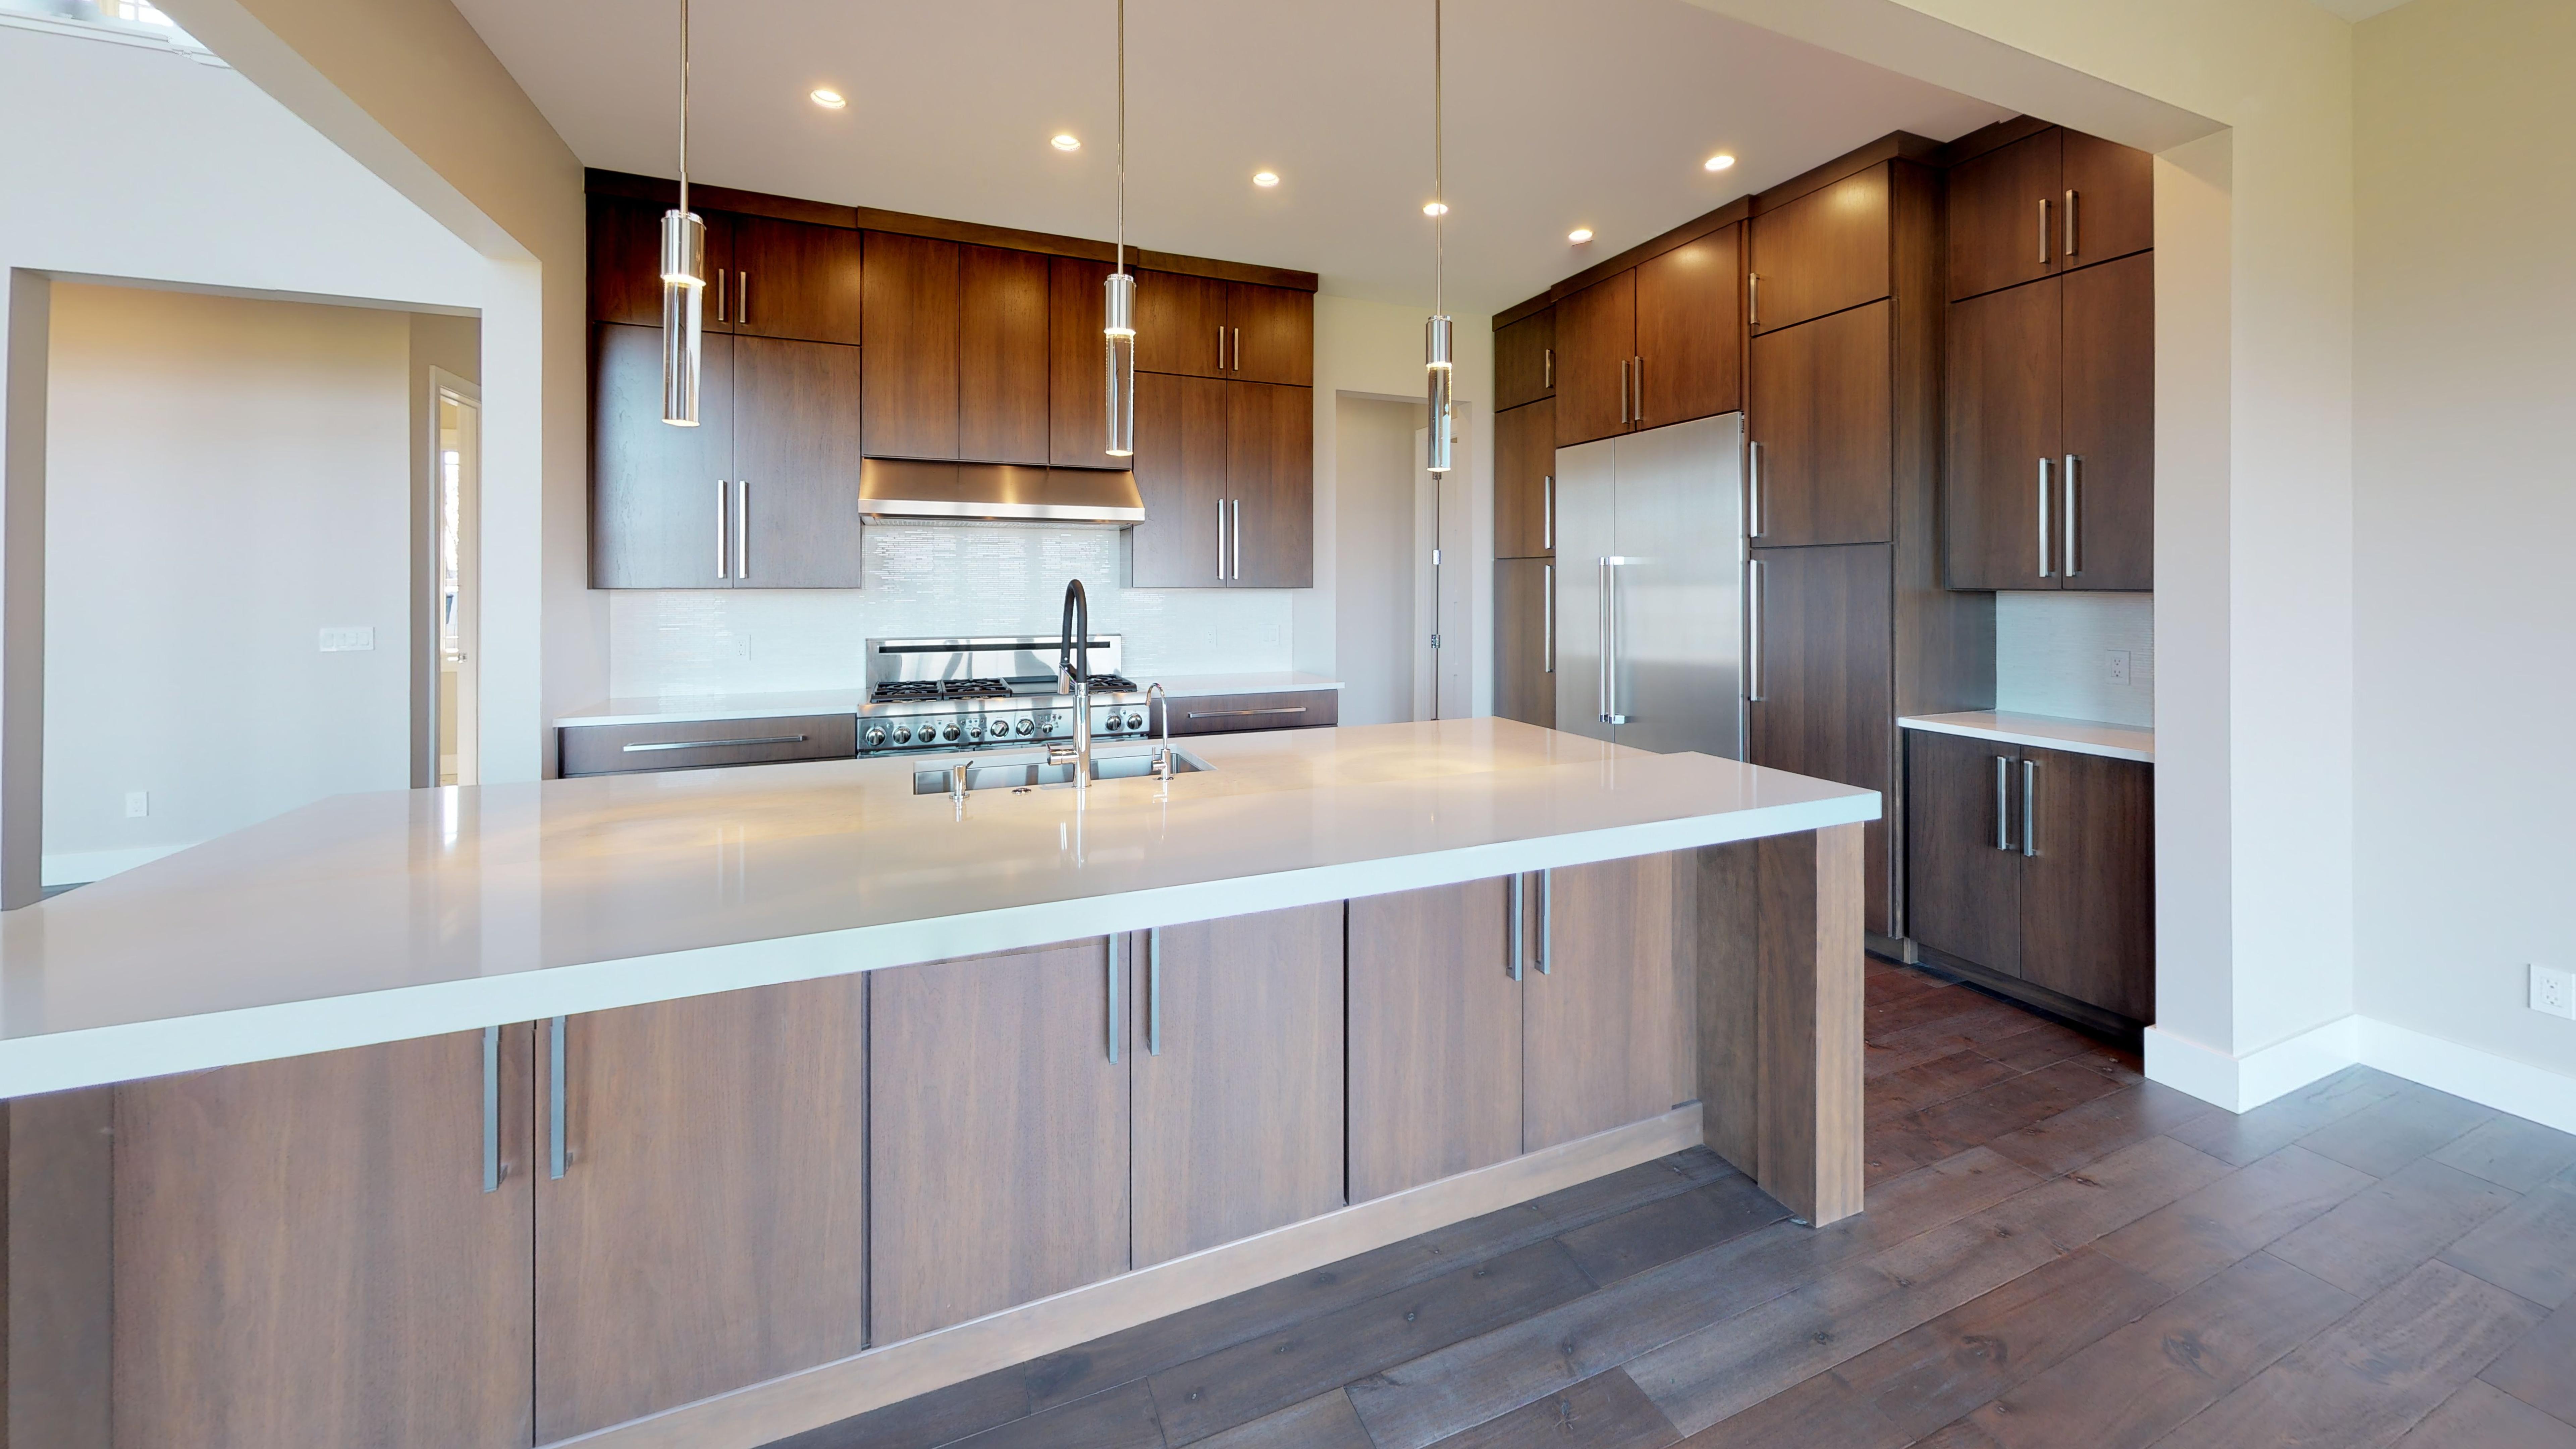 385-Chestnut-Ridge-Kitchen(1).jpg